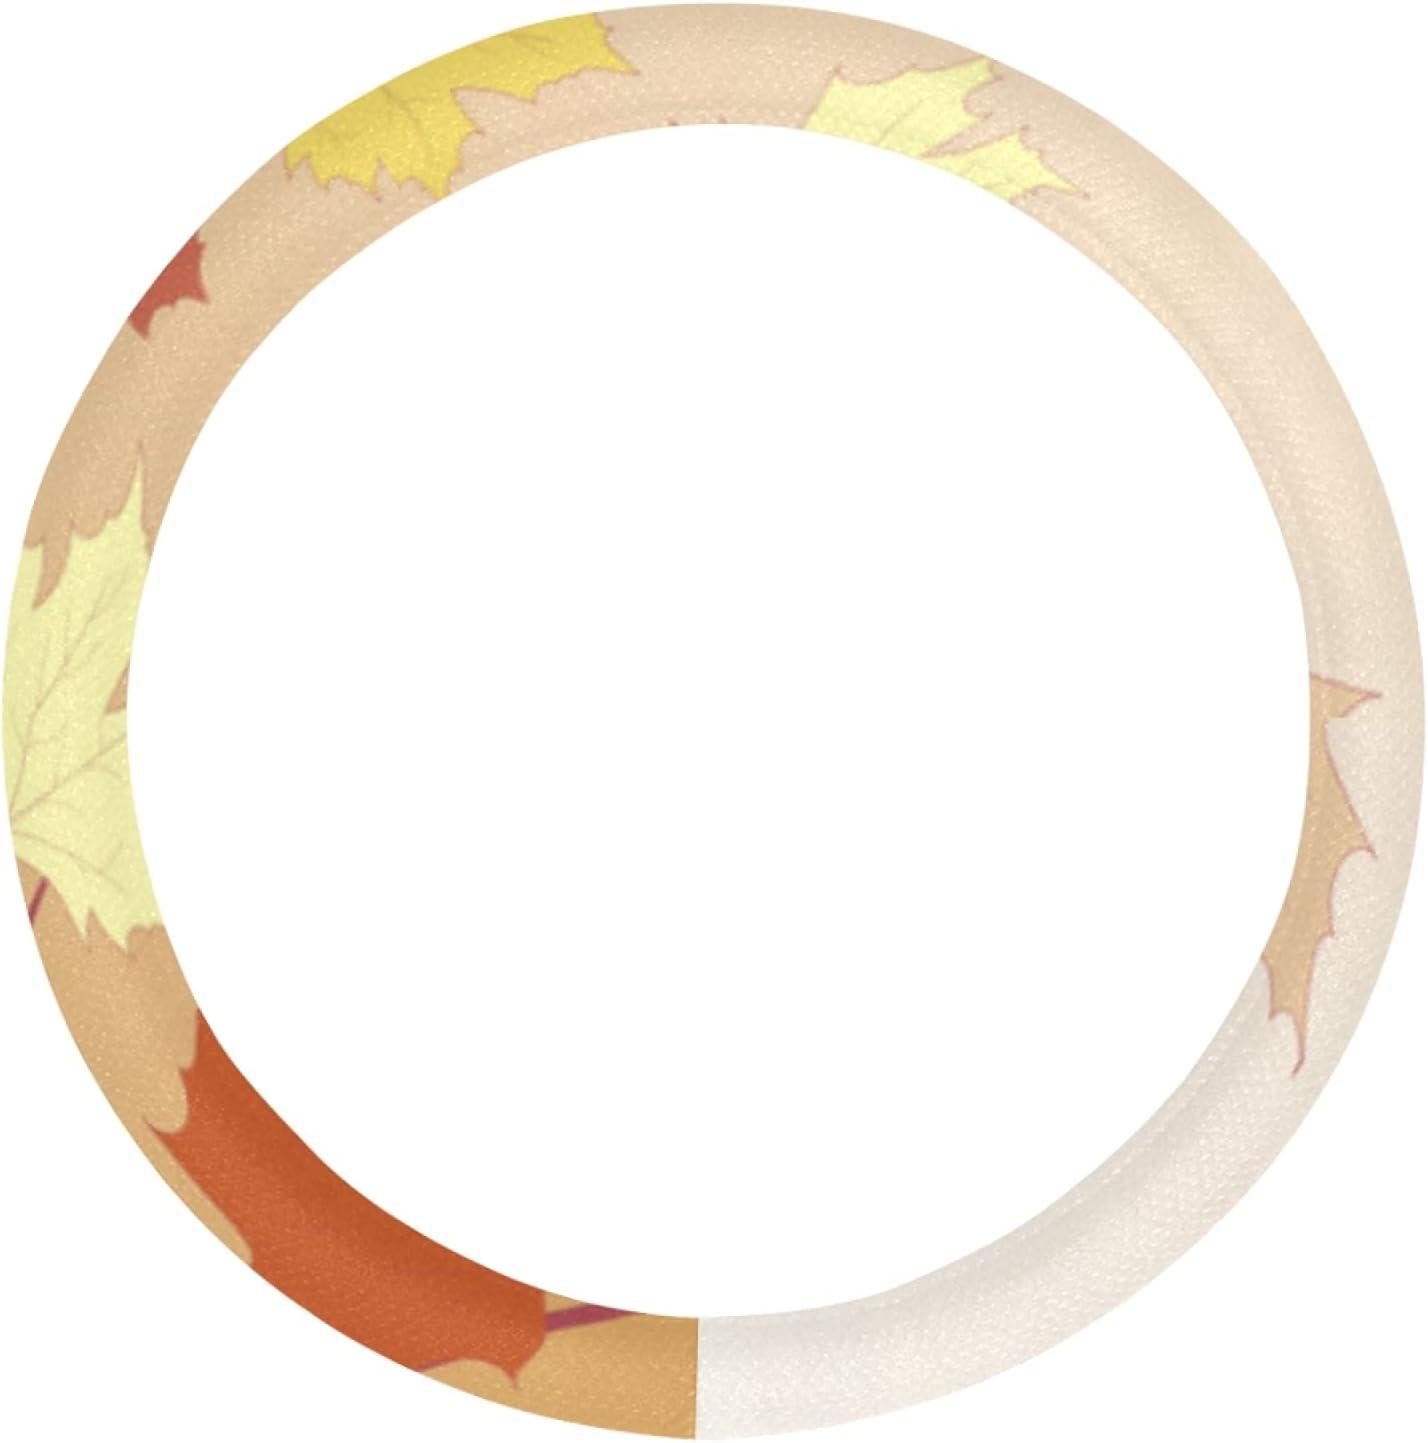 AIKENING Girls Steering Wheel Cover shipfree Orange Set Maple free Leav Autumn